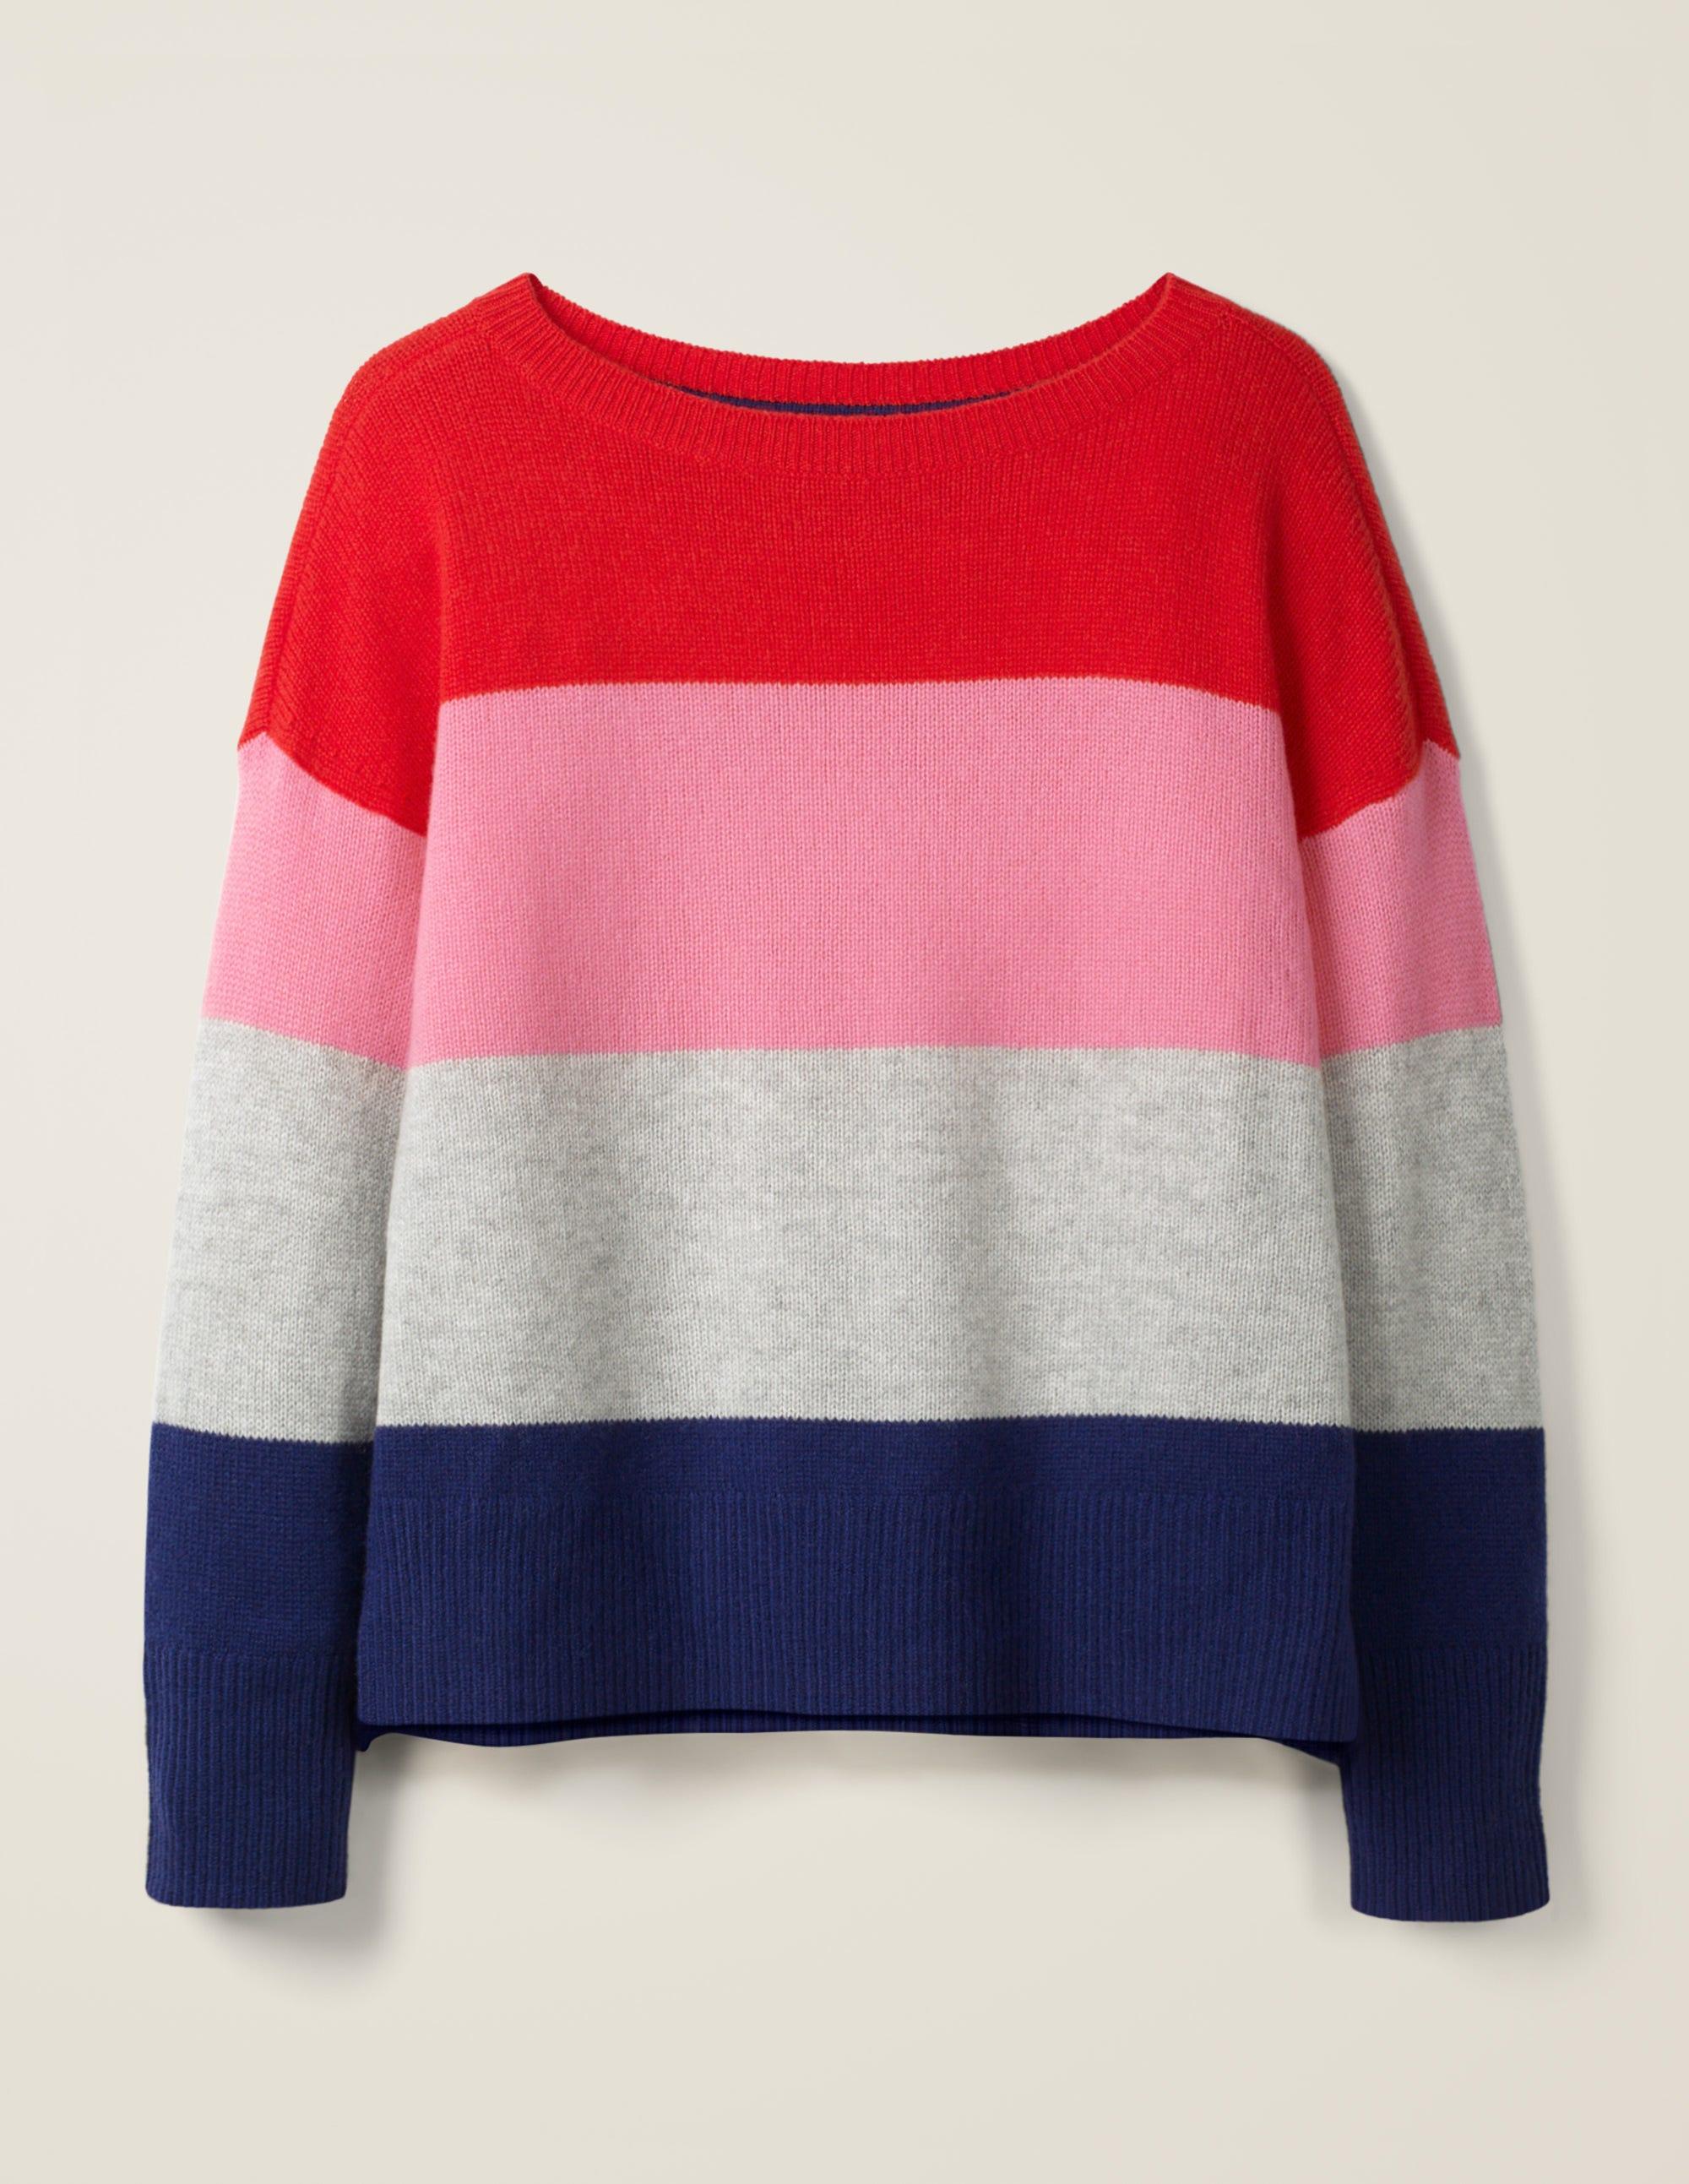 Boden New British  Wool  skirt in Orange  Sizes 12-20